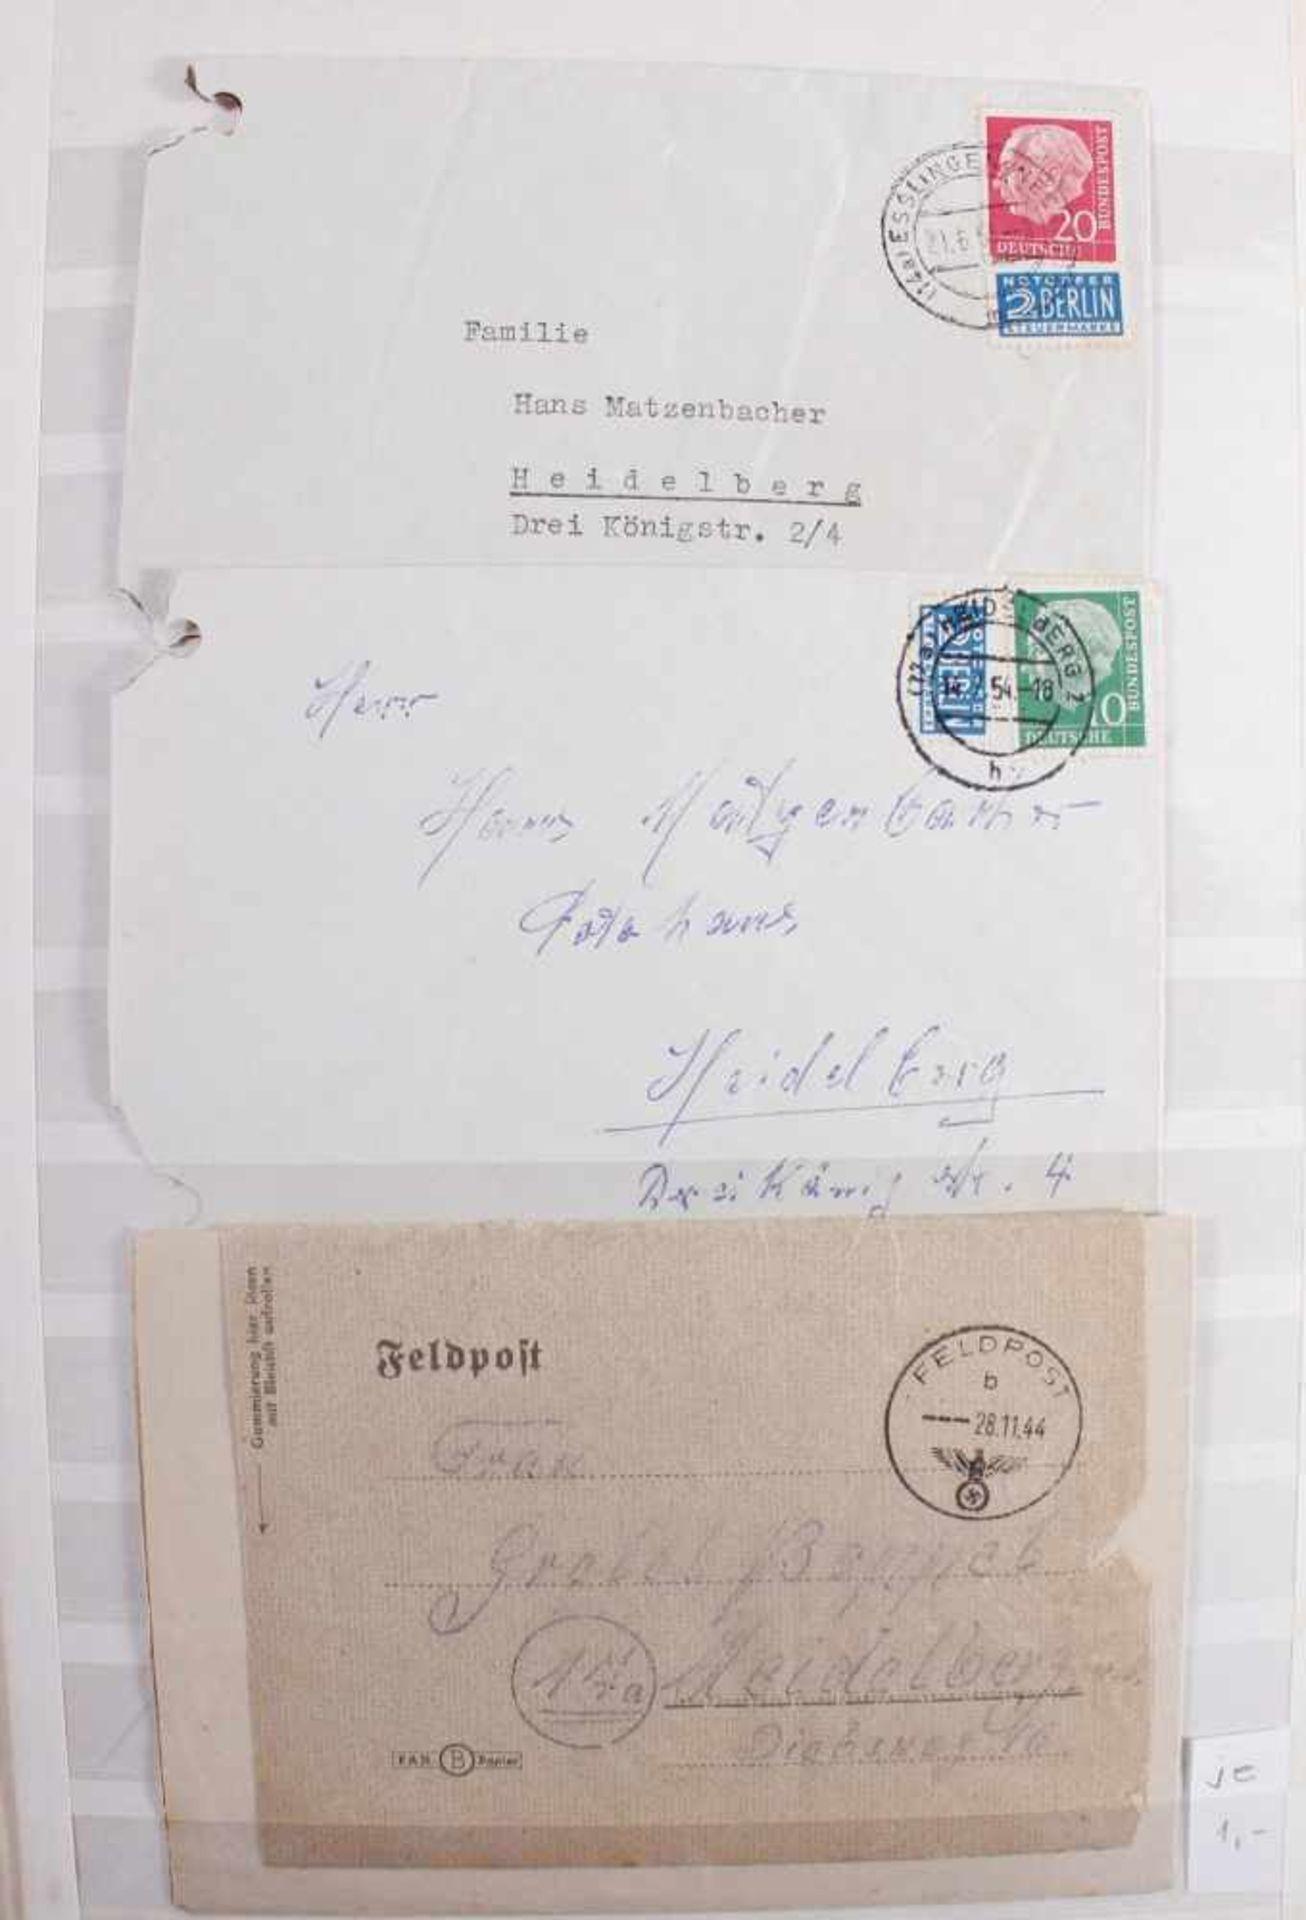 Kleine Sammlung Belege, Ganzsachen und BriefeInsgesamt 3 gut gefüllte Alben.1 Album Briefe, - Bild 5 aus 7